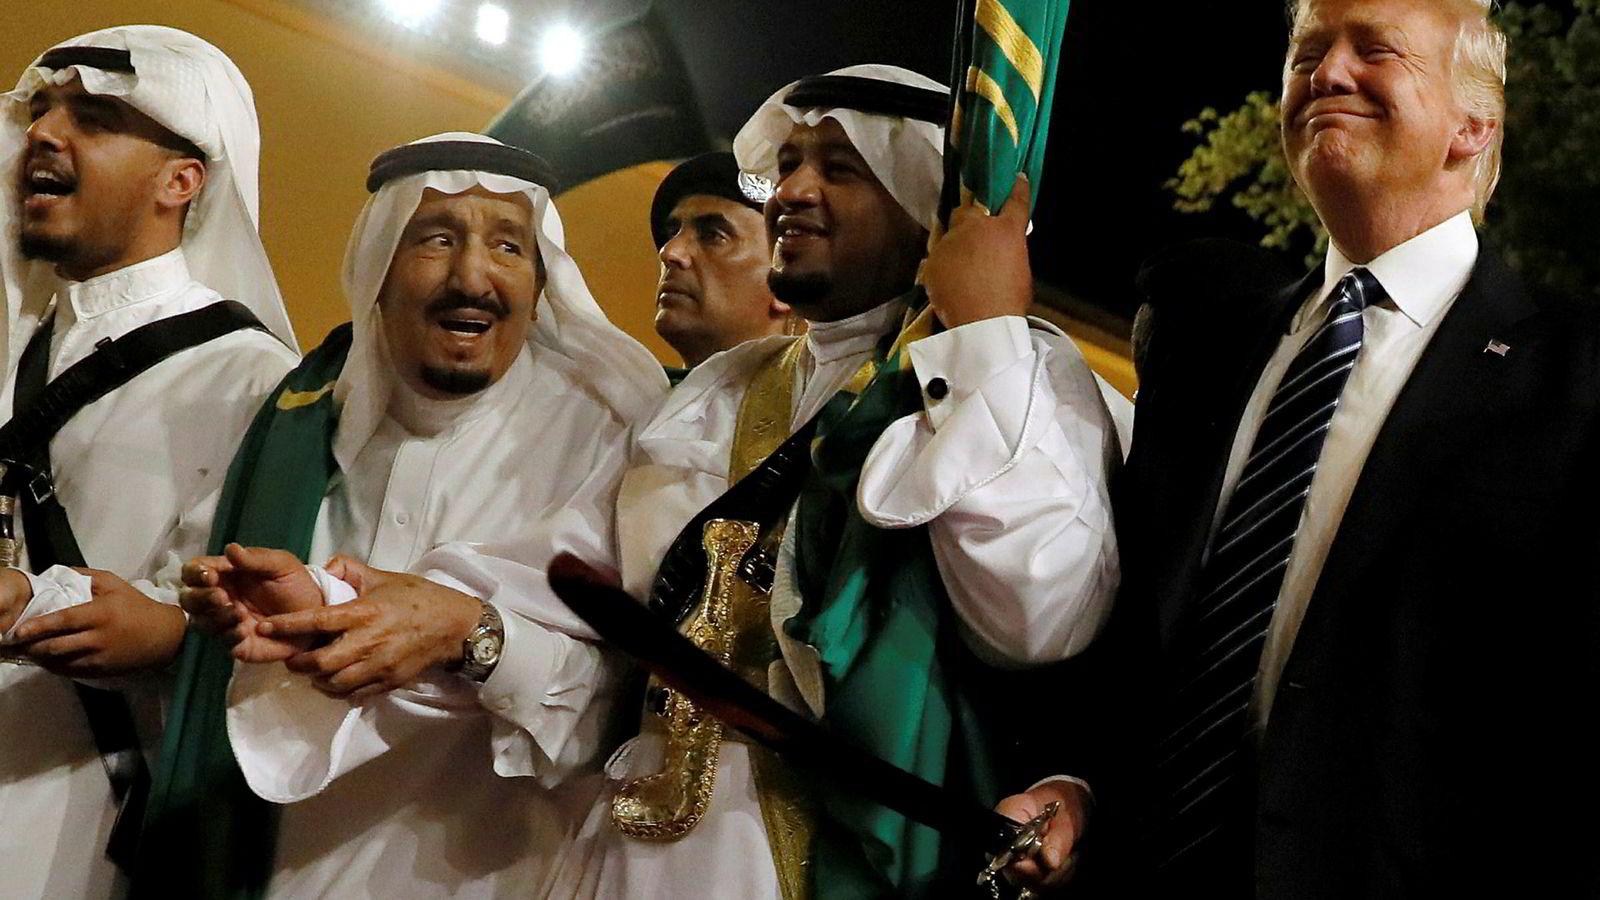 Donald Trump på sitt første utenlandsbesøk, i Saudi-Arabia i mai i fjor. Det var lykkeligere dager, her med kong Salman bin Abdulaziz Al Saud (nummer to fra venstre).